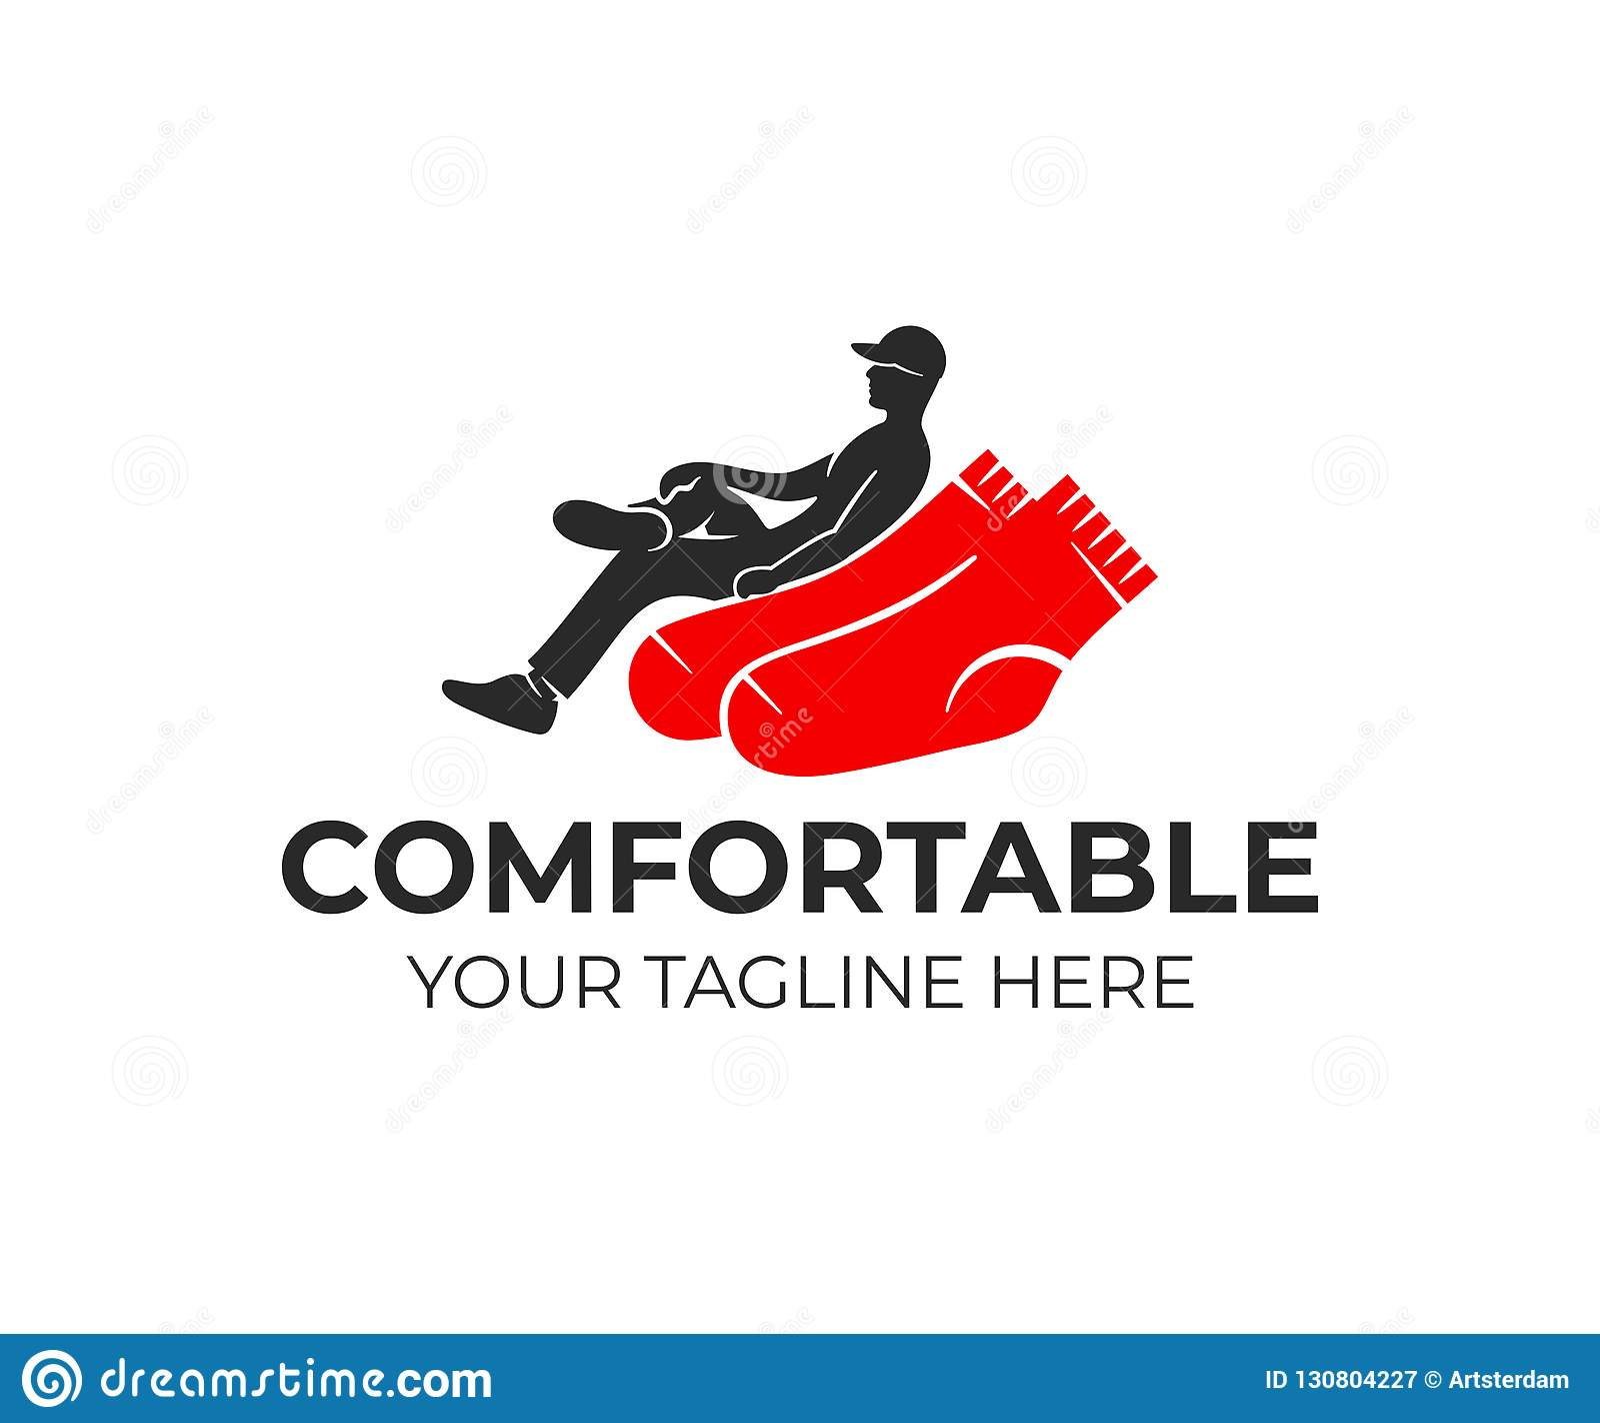 Το άτομο διασχίζει τα πόδια τους καθμένος στις κάλτσες όπως στην πολυθρόνα, σχέδιο λογότυπων Βιομηχανία, βιομηχανικός, ενδύματα,